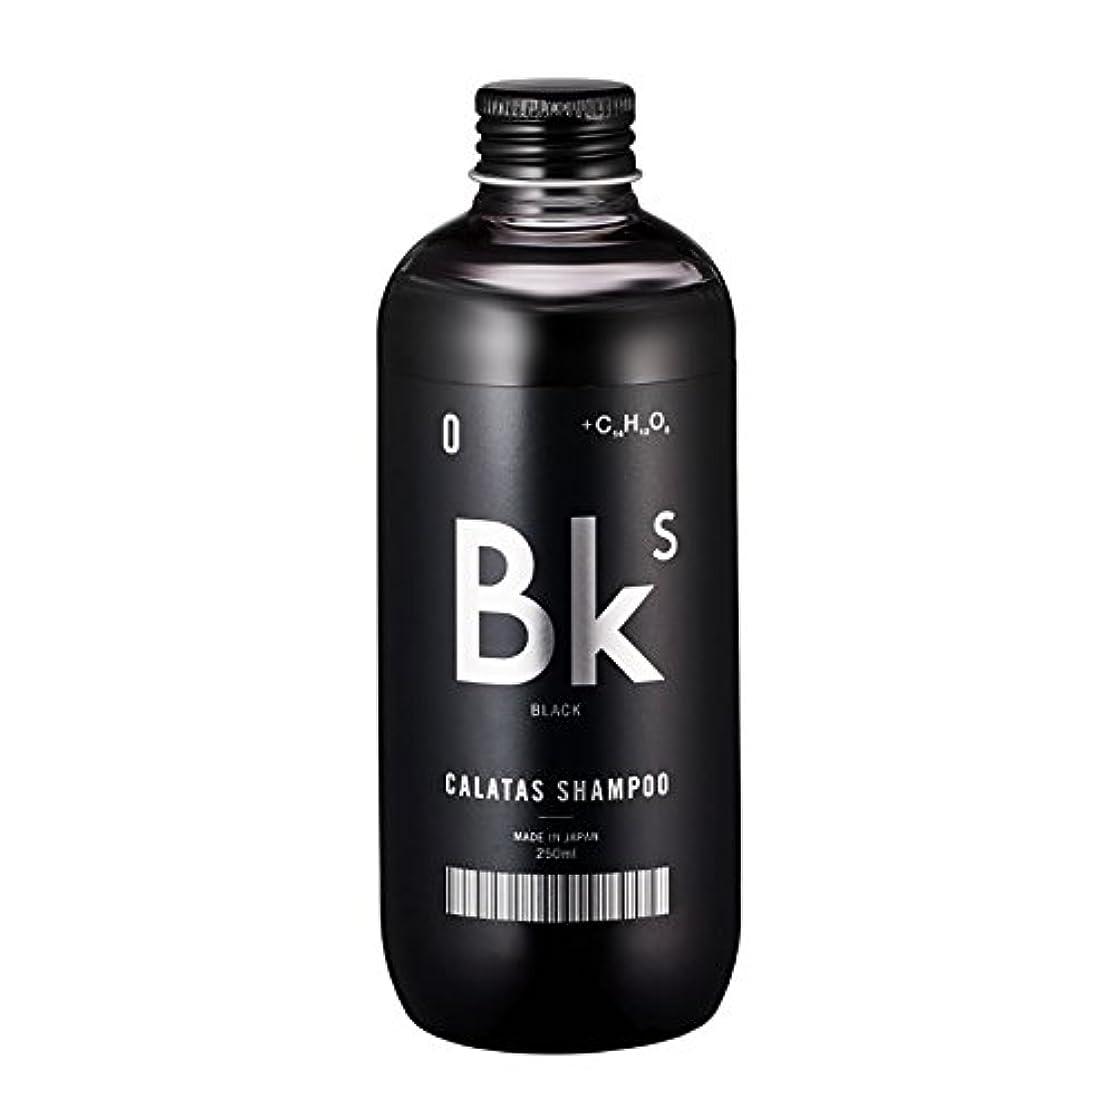 カップルお酒アーティキュレーションCALATAS シャンプー Bk(ブラック) カラタスシャンプー 250ml